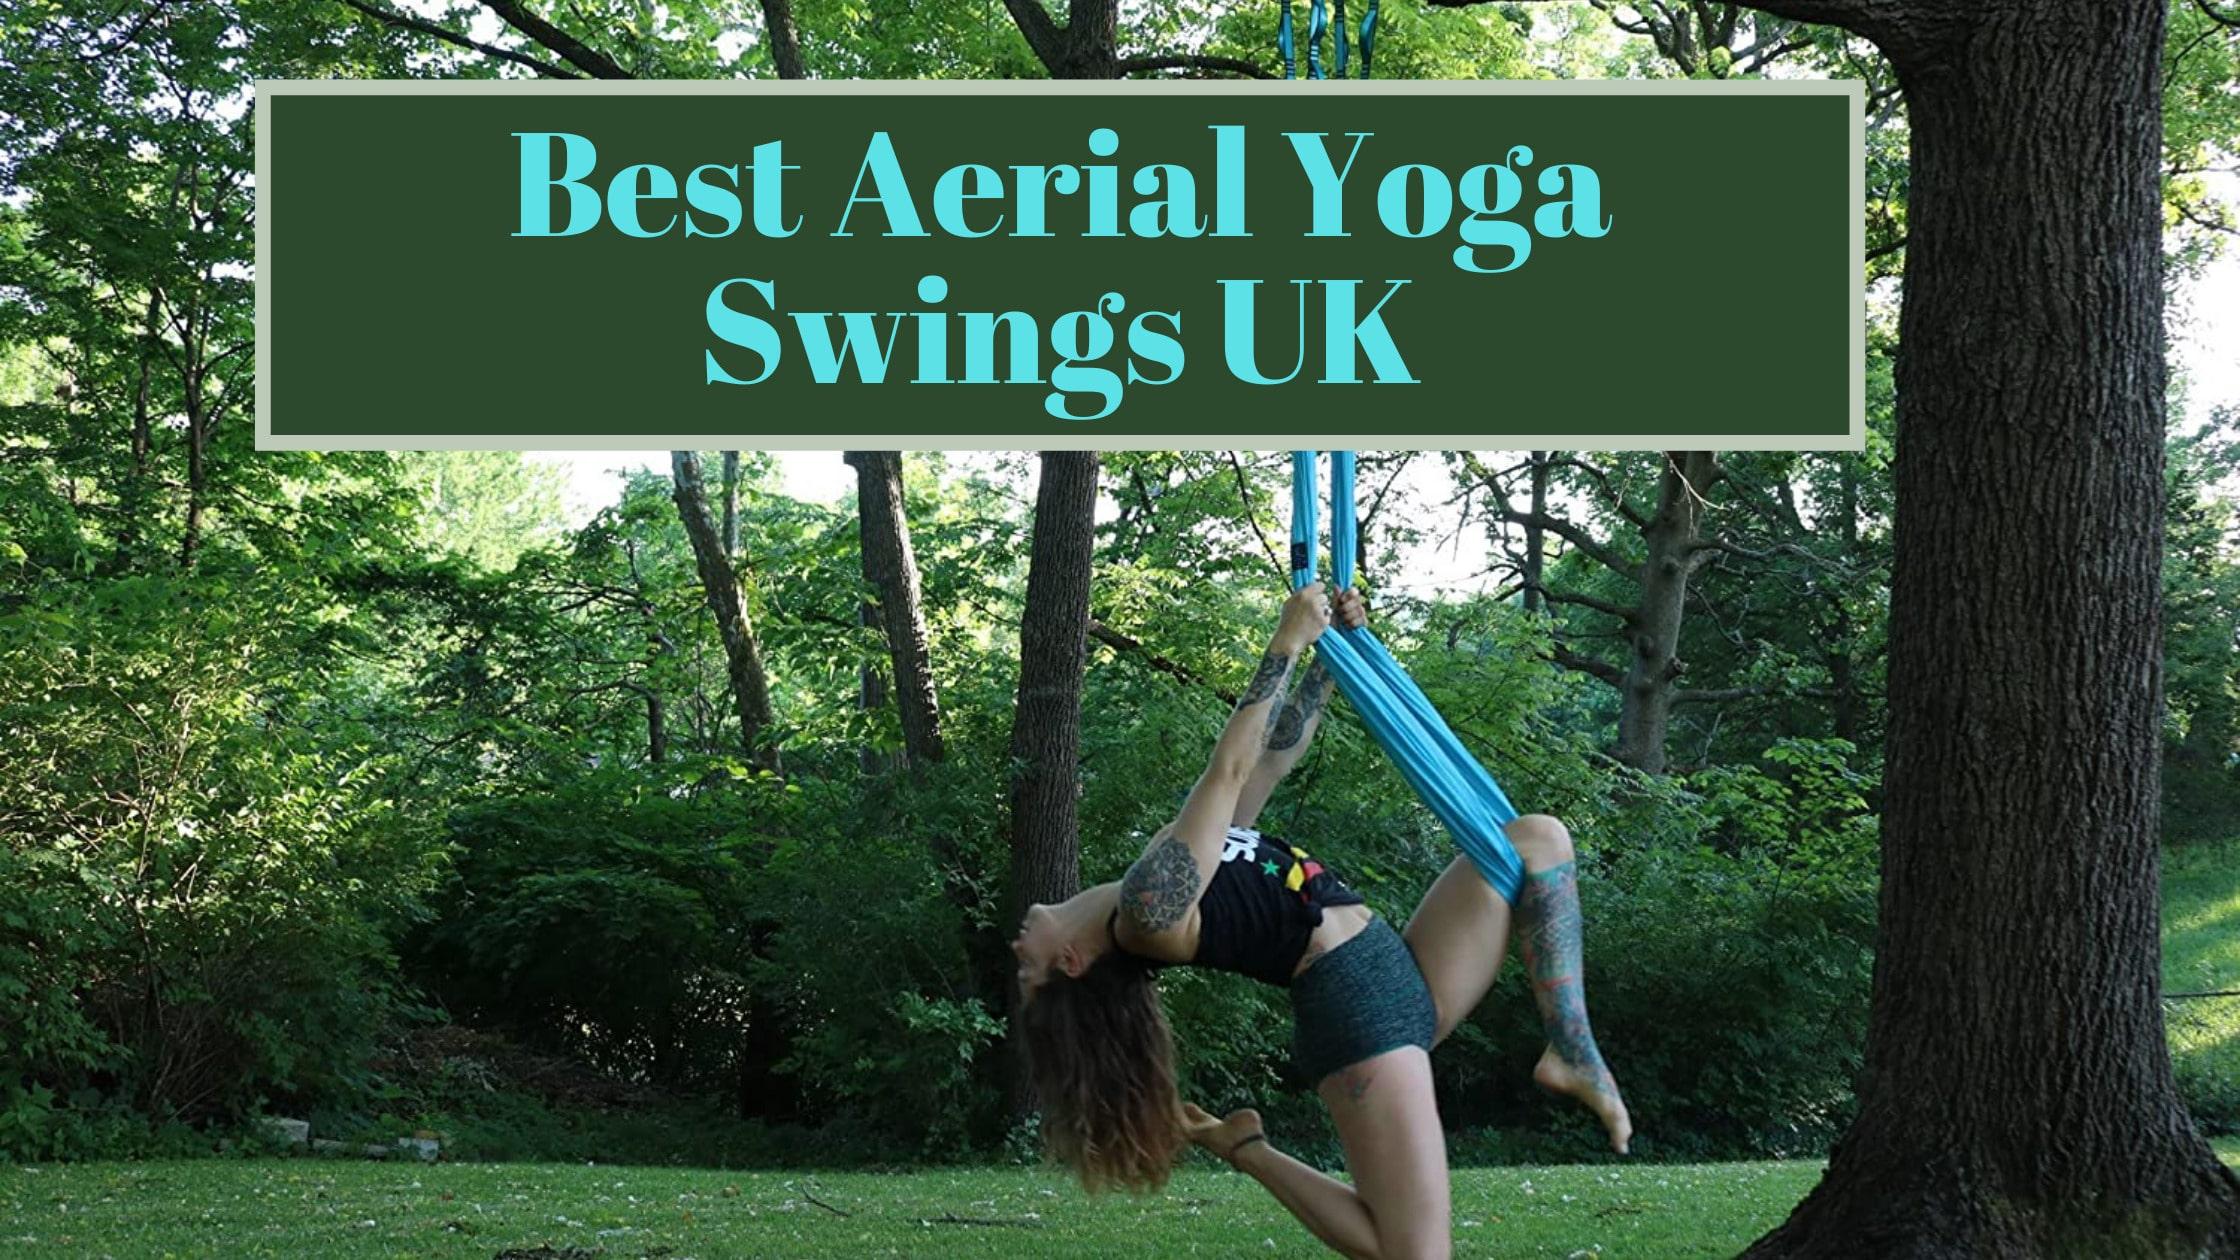 Best Aerial Yoga Swings UK